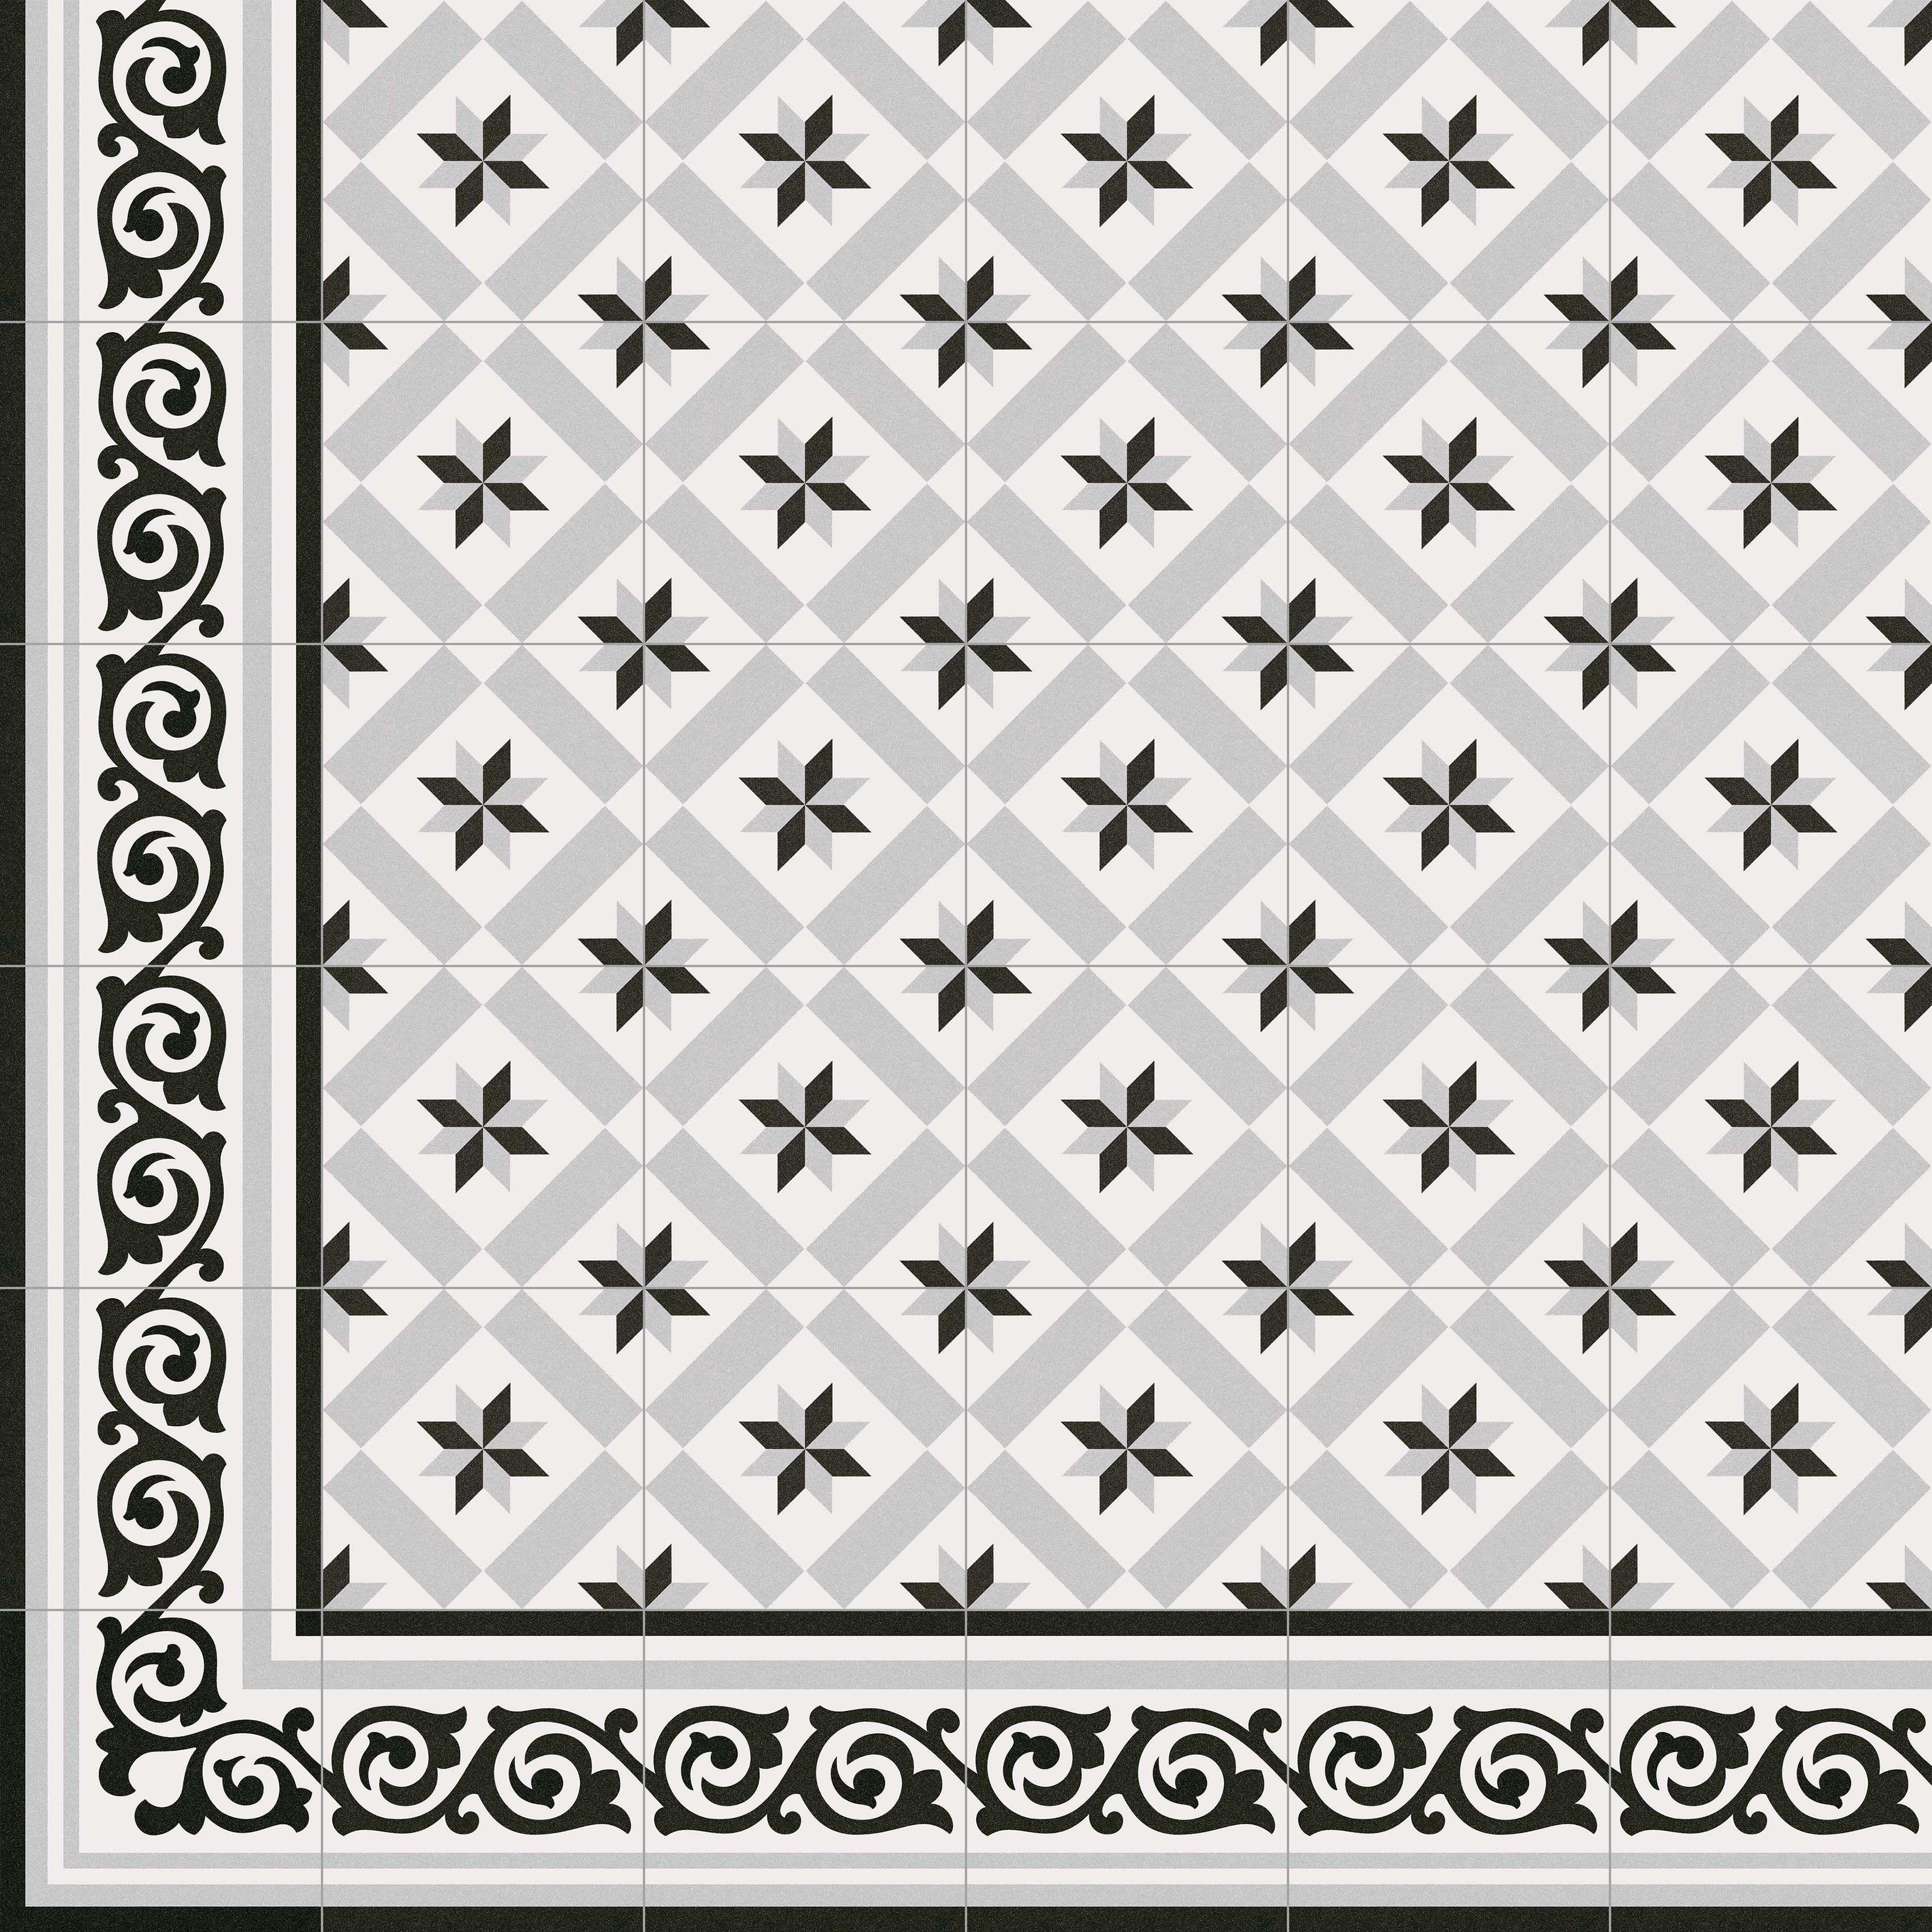 Gamme De Carreaux Carrelage 1900 En Taille 20x20cm Est Fabrique En Gres Pate Rouge Avec Finition En C Carreaux Ciment Carrelage Couloir Sol Carreaux De Ciment